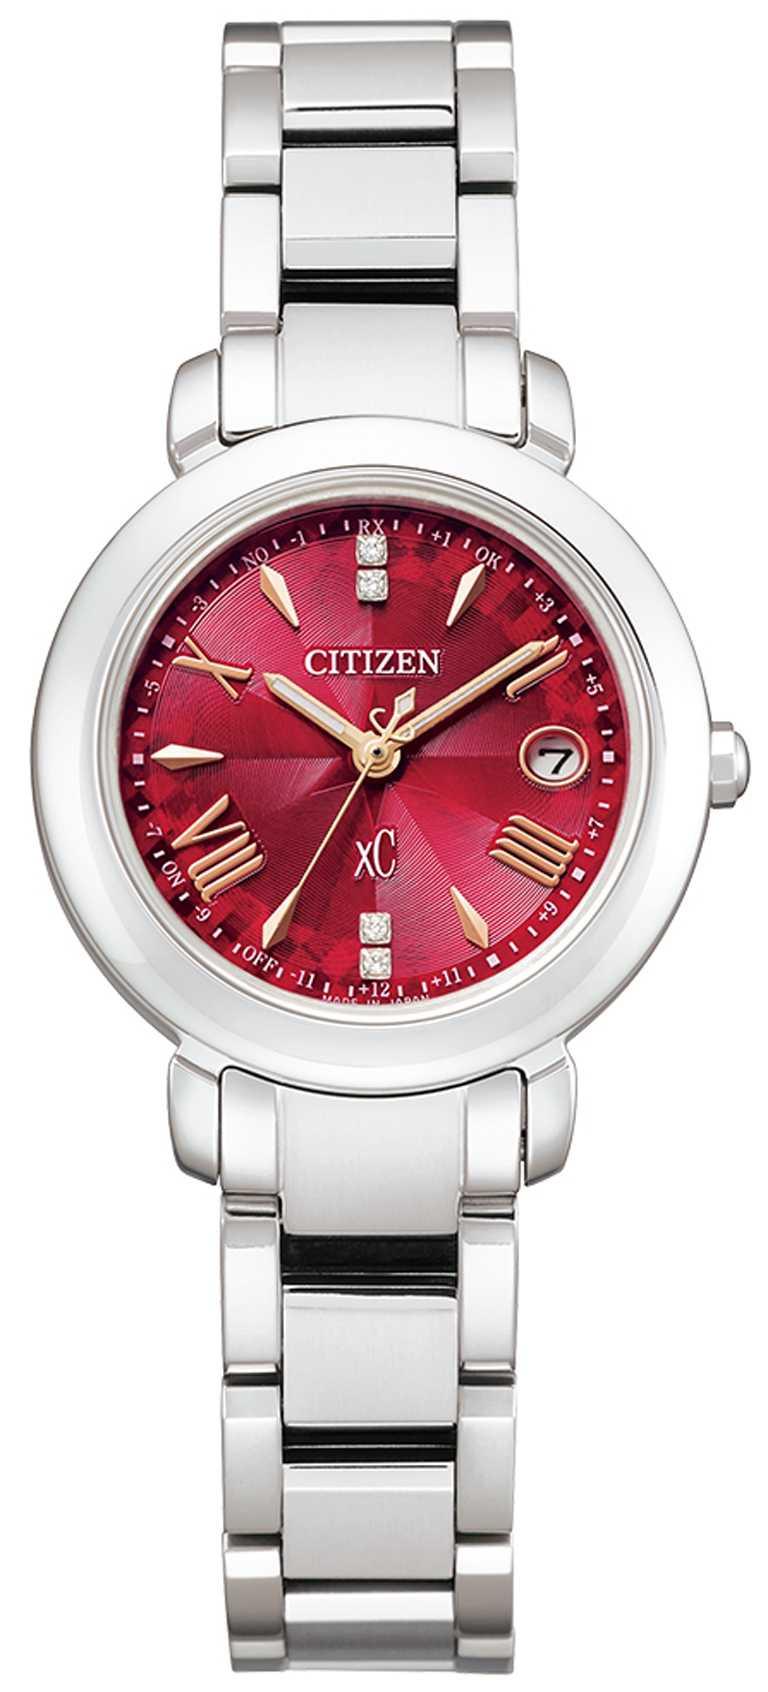 全新CITIZEN「ES9440-51X」xC系列光動能腕錶「東京‧紅」限量版,鈦金屬錶殼,光動能,27mm,鑽石4顆╱33,800元。(圖╱CITIZEN提供)